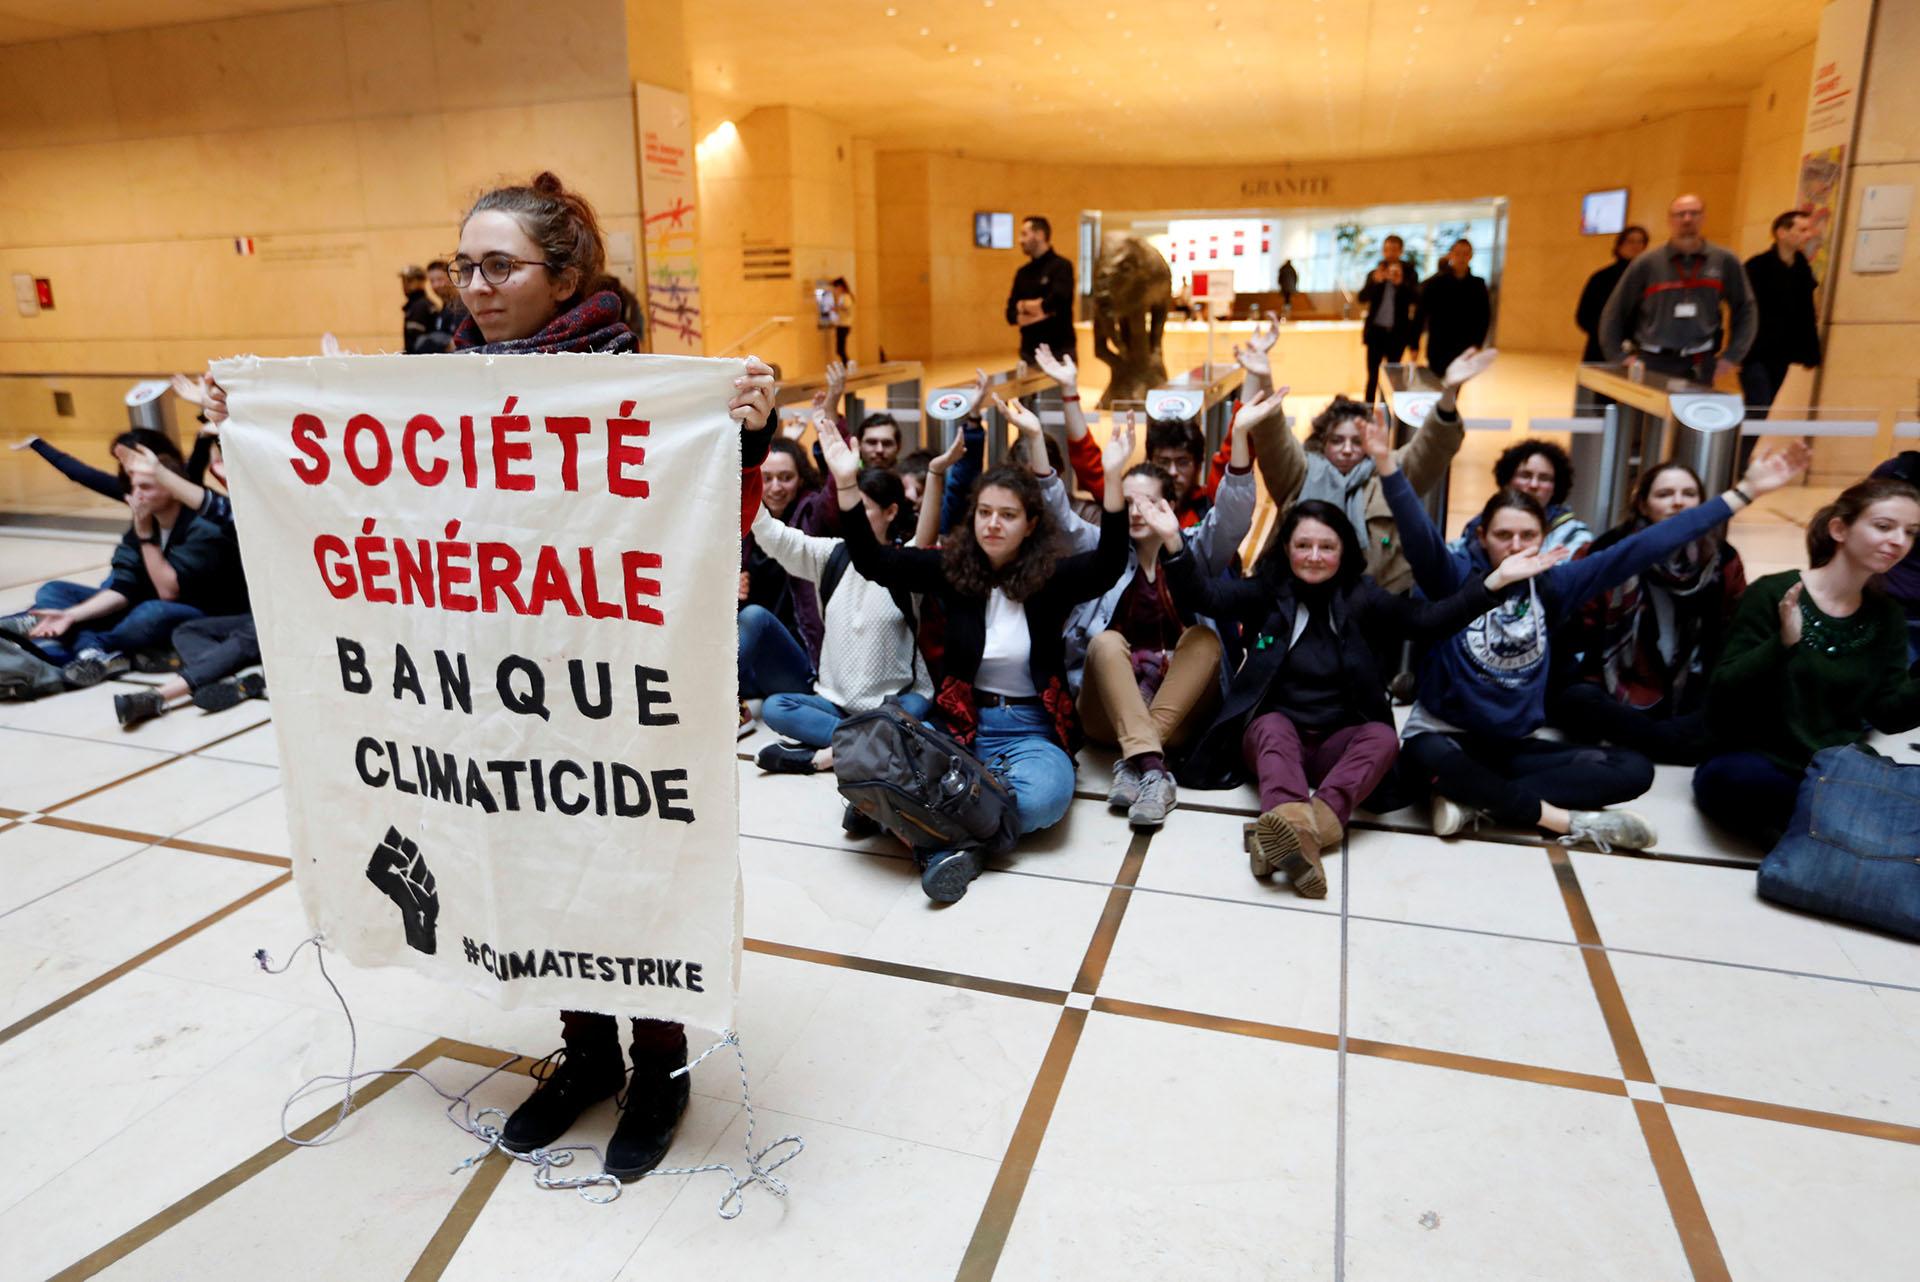 Jóvenes bloquearon la entrada de la sede central del bancoSociete Generale, en el distrito de La Defense at Puteaux, cerca de París